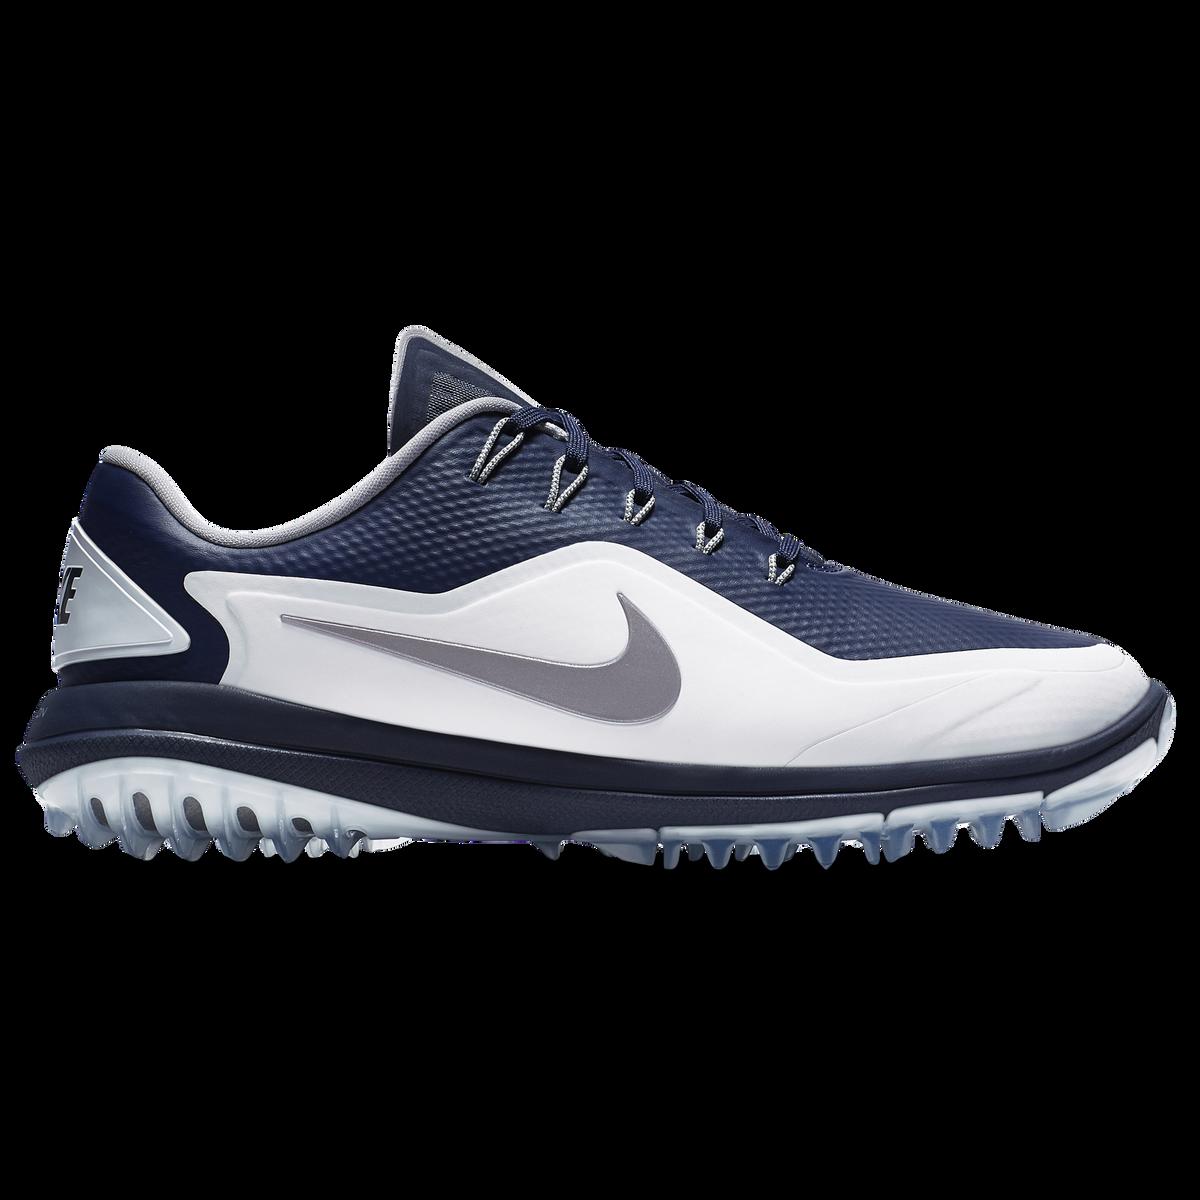 15f4fc71324dc0 Images. Nike Lunar Control Vapor 2 Men  39 s Golf Shoe ...